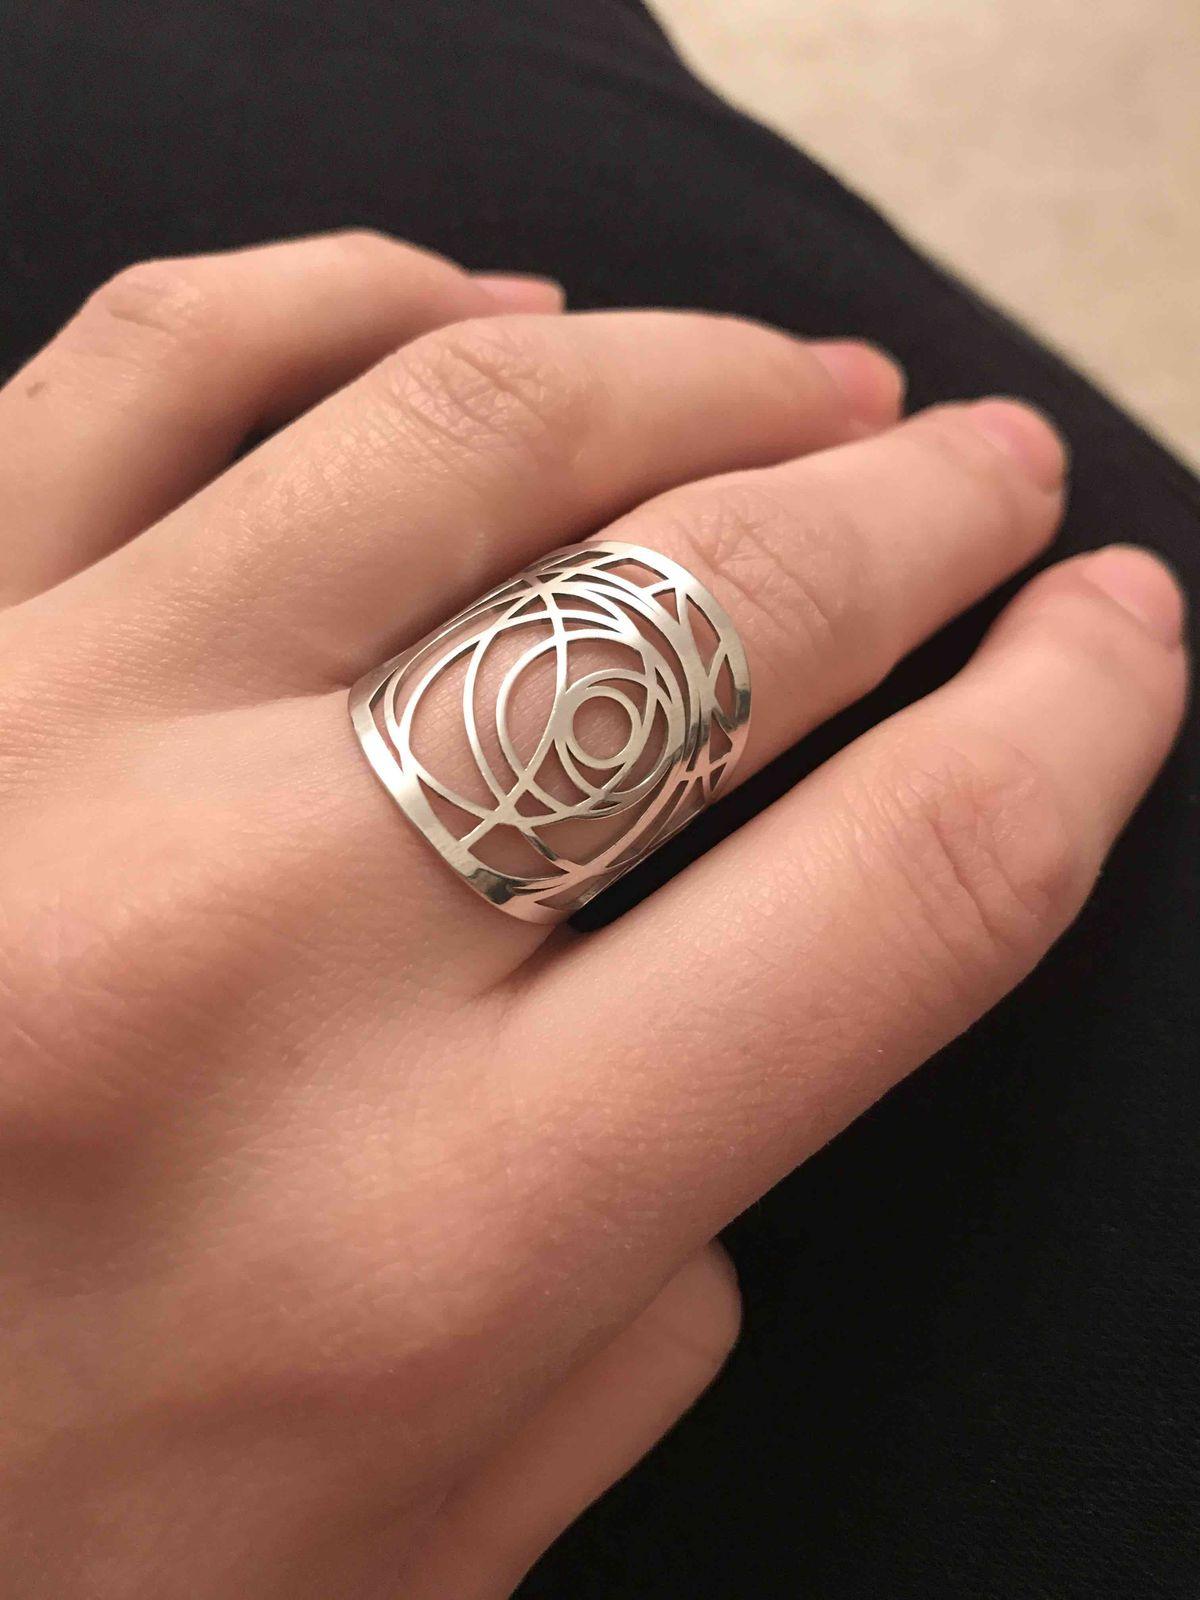 Кольцо для себя)